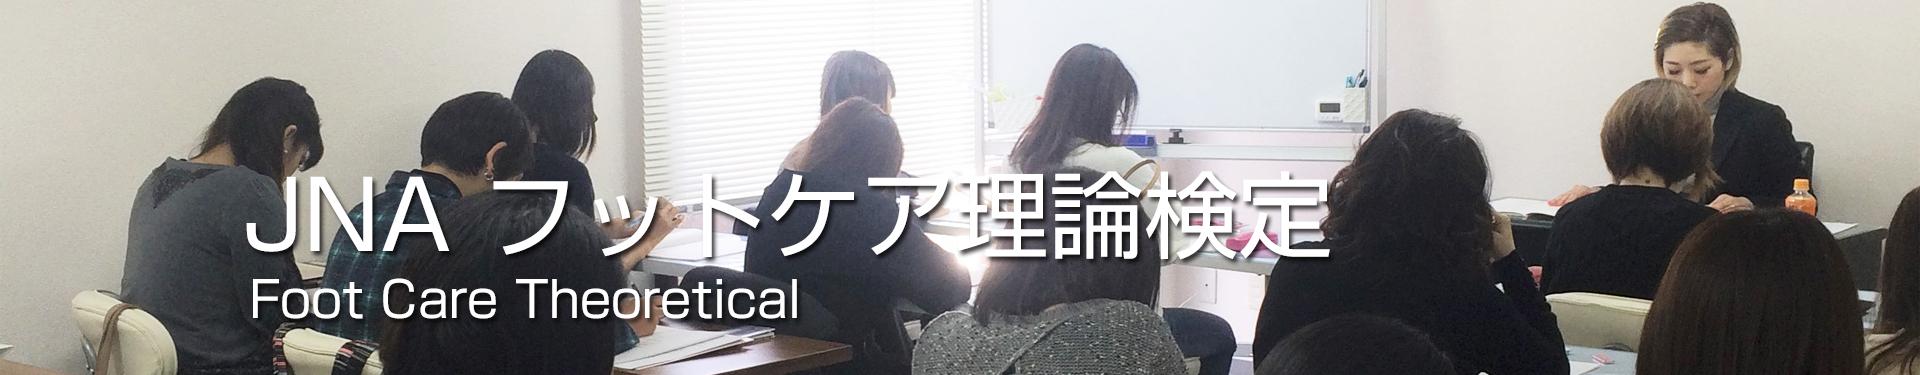 吉祥寺のネイルスクール|NAIL DESIGN COLLEGE|JNA フットケア理論検定